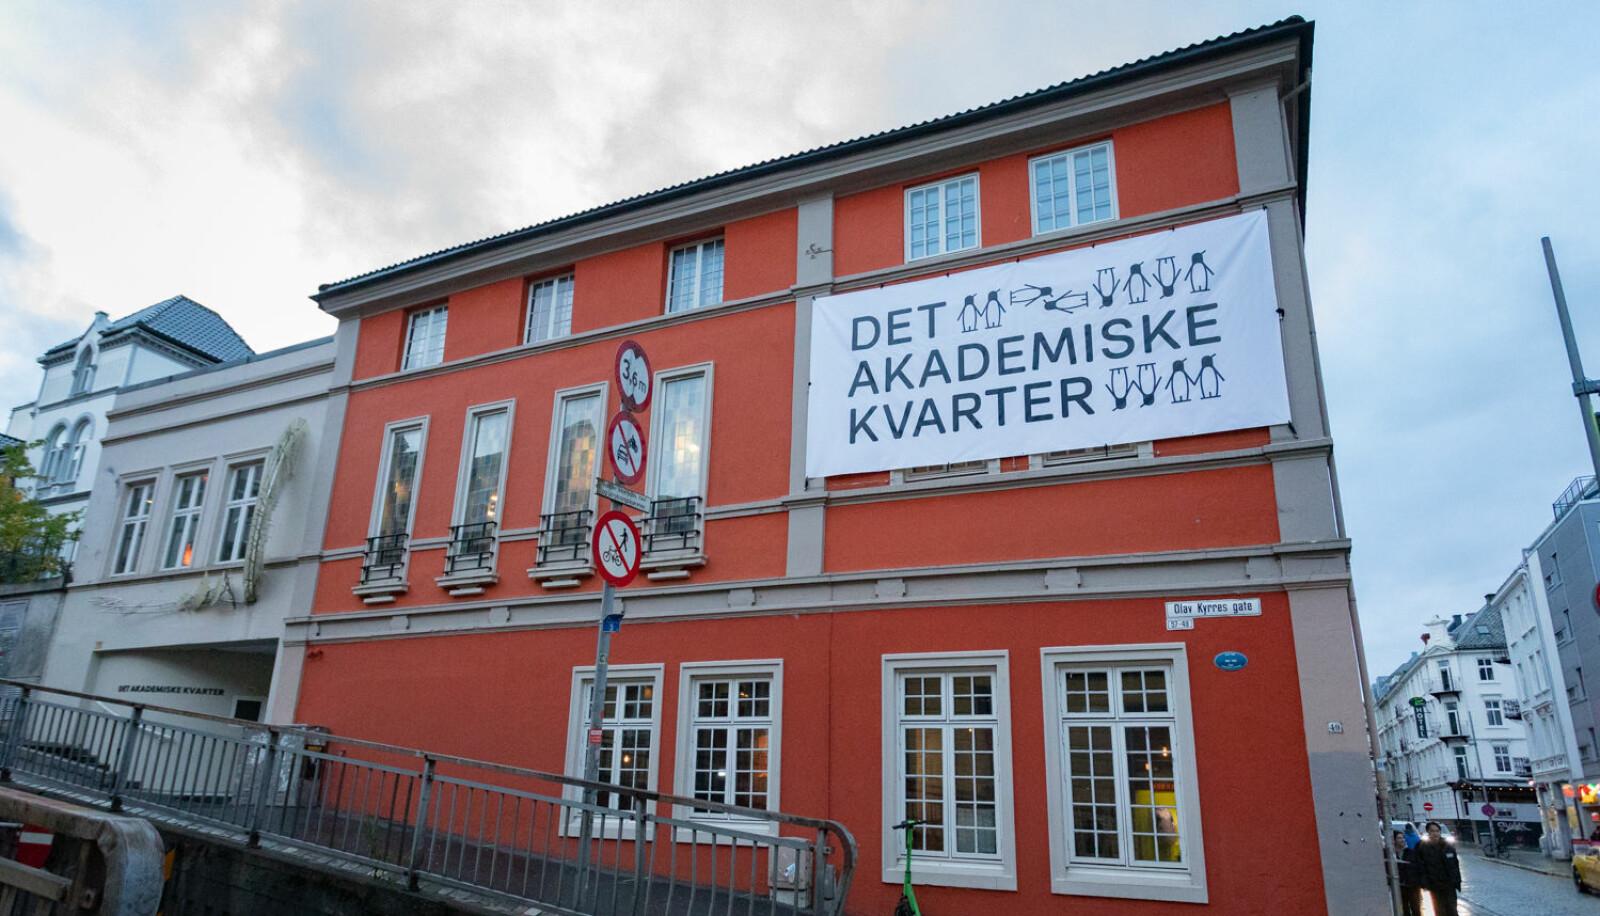 <b>SAMLET STUDENTHUS? </b>Det Akademiske Kvarteret i Bergen består i dag av fem ulike DORGer.<b><br> </b>